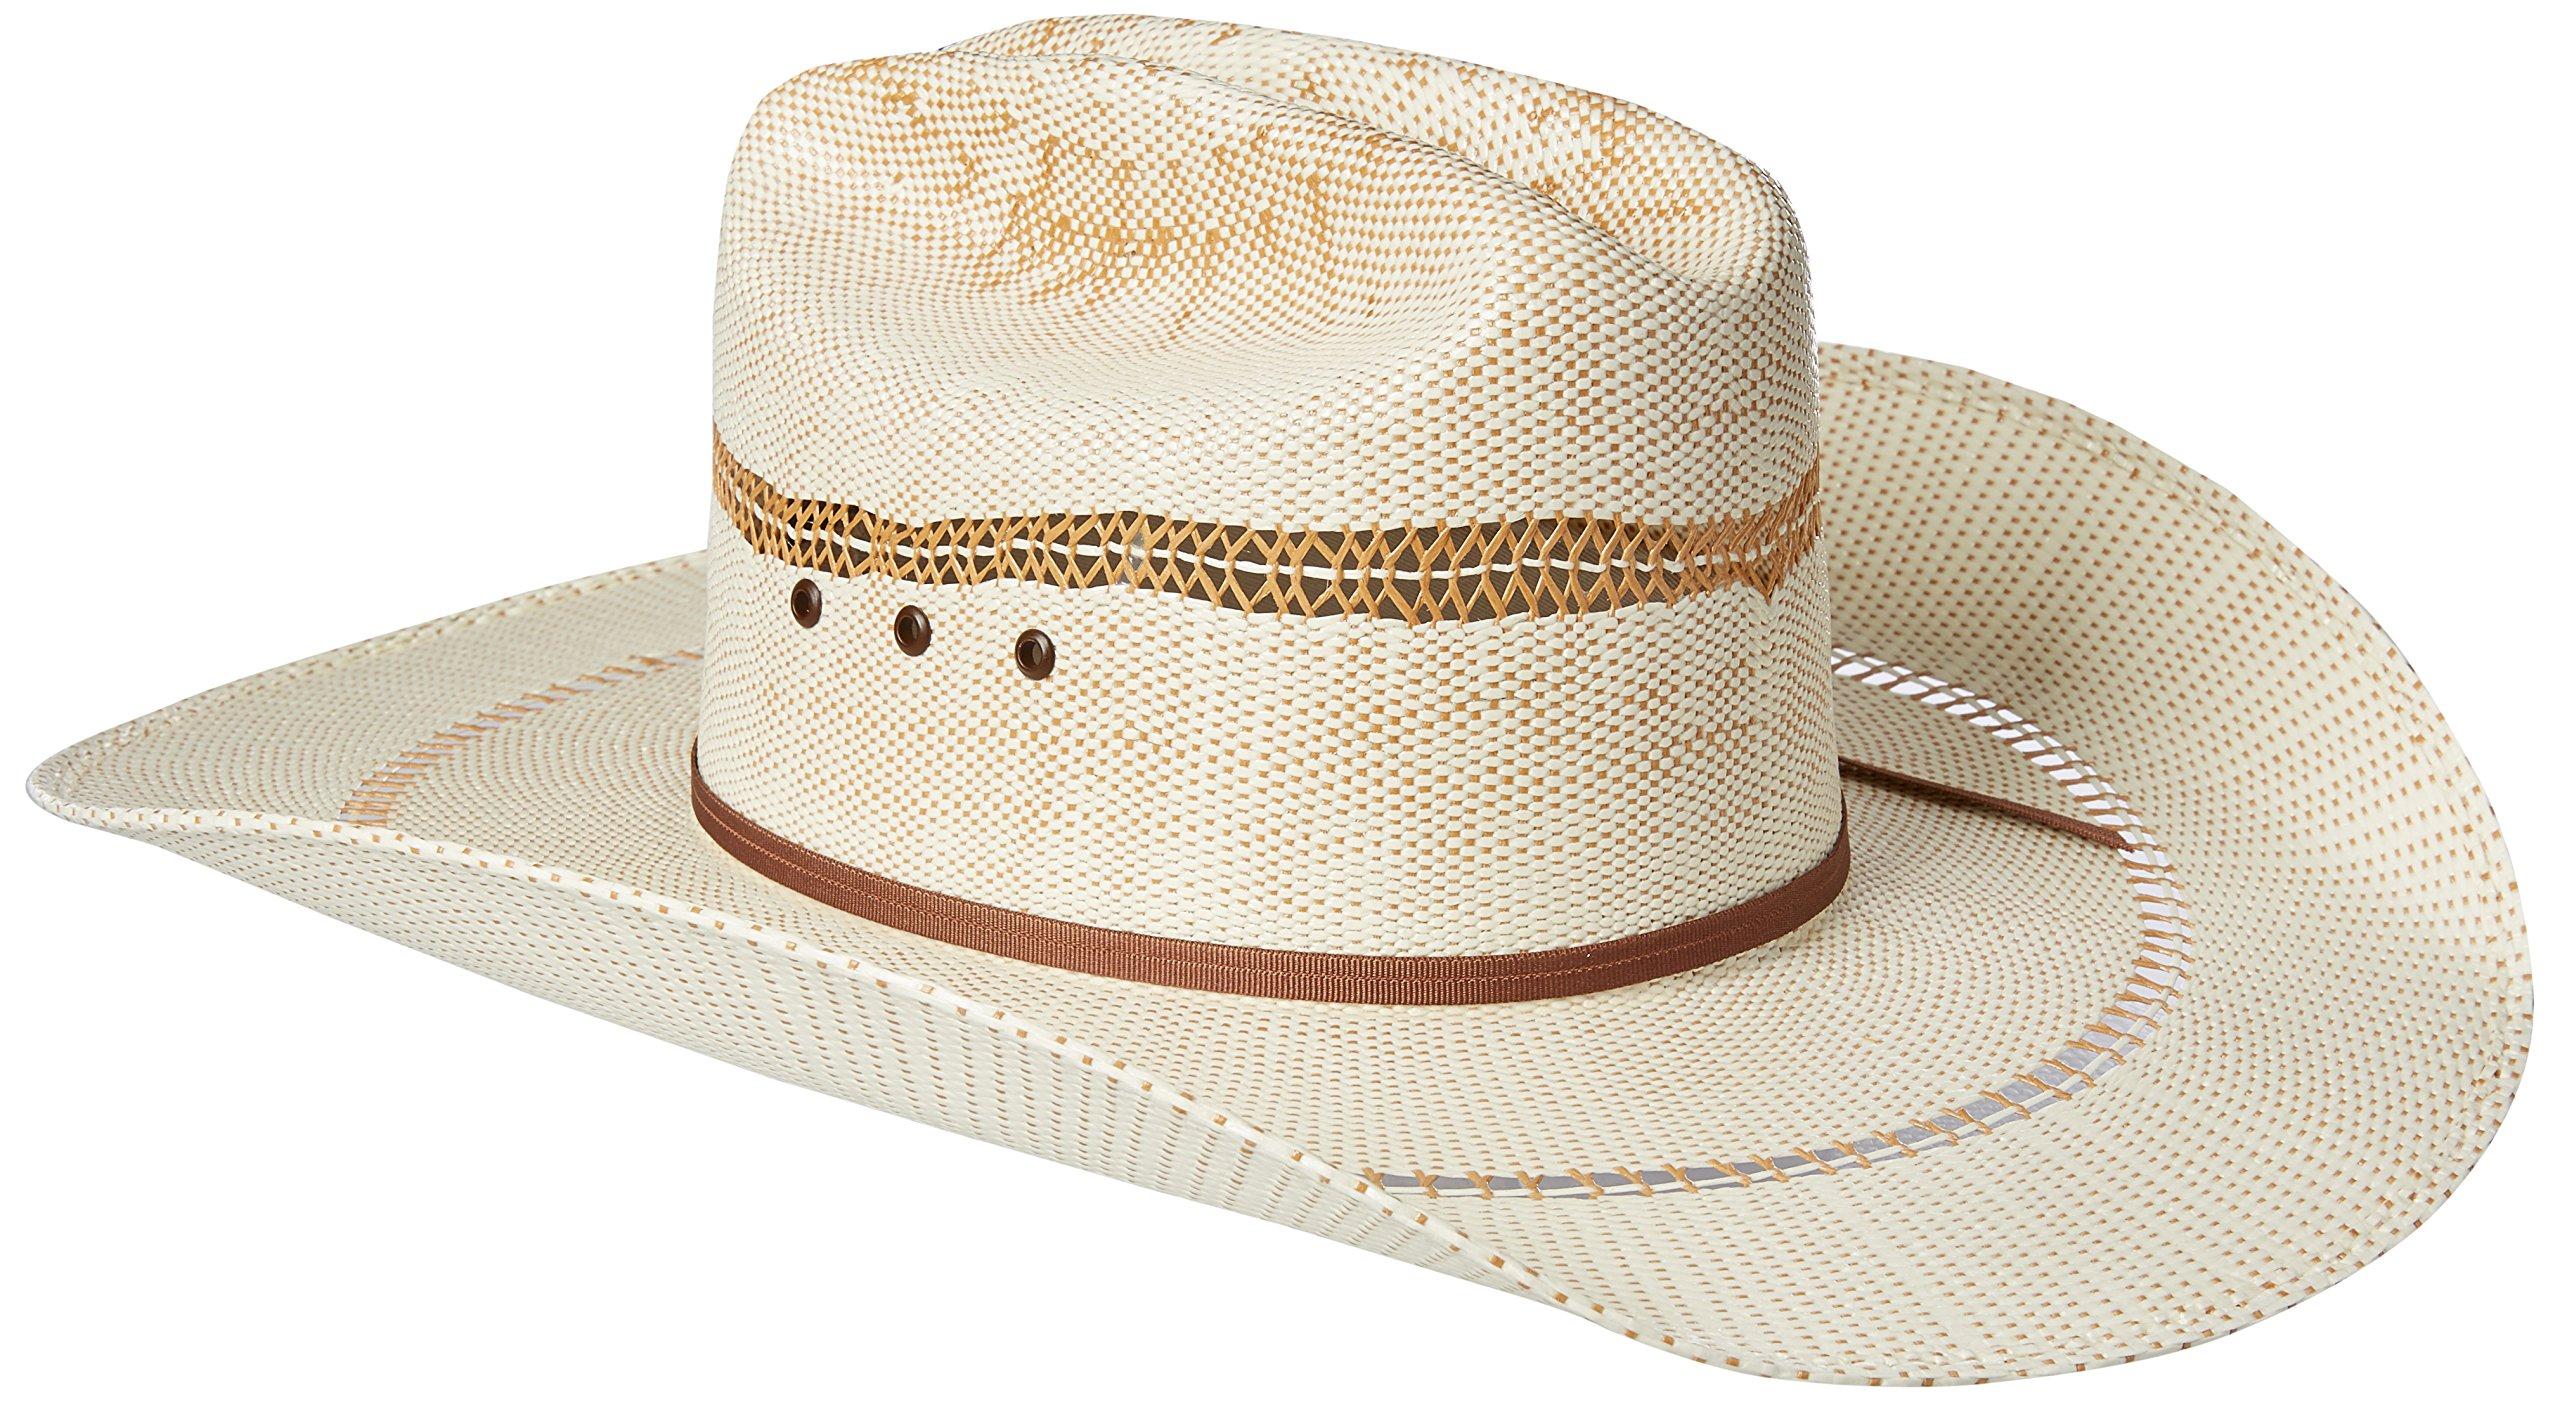 Ariat Men's 2-Tone Bangora Open Brim Cowboy Hat, Natural/tan, 7 5/8